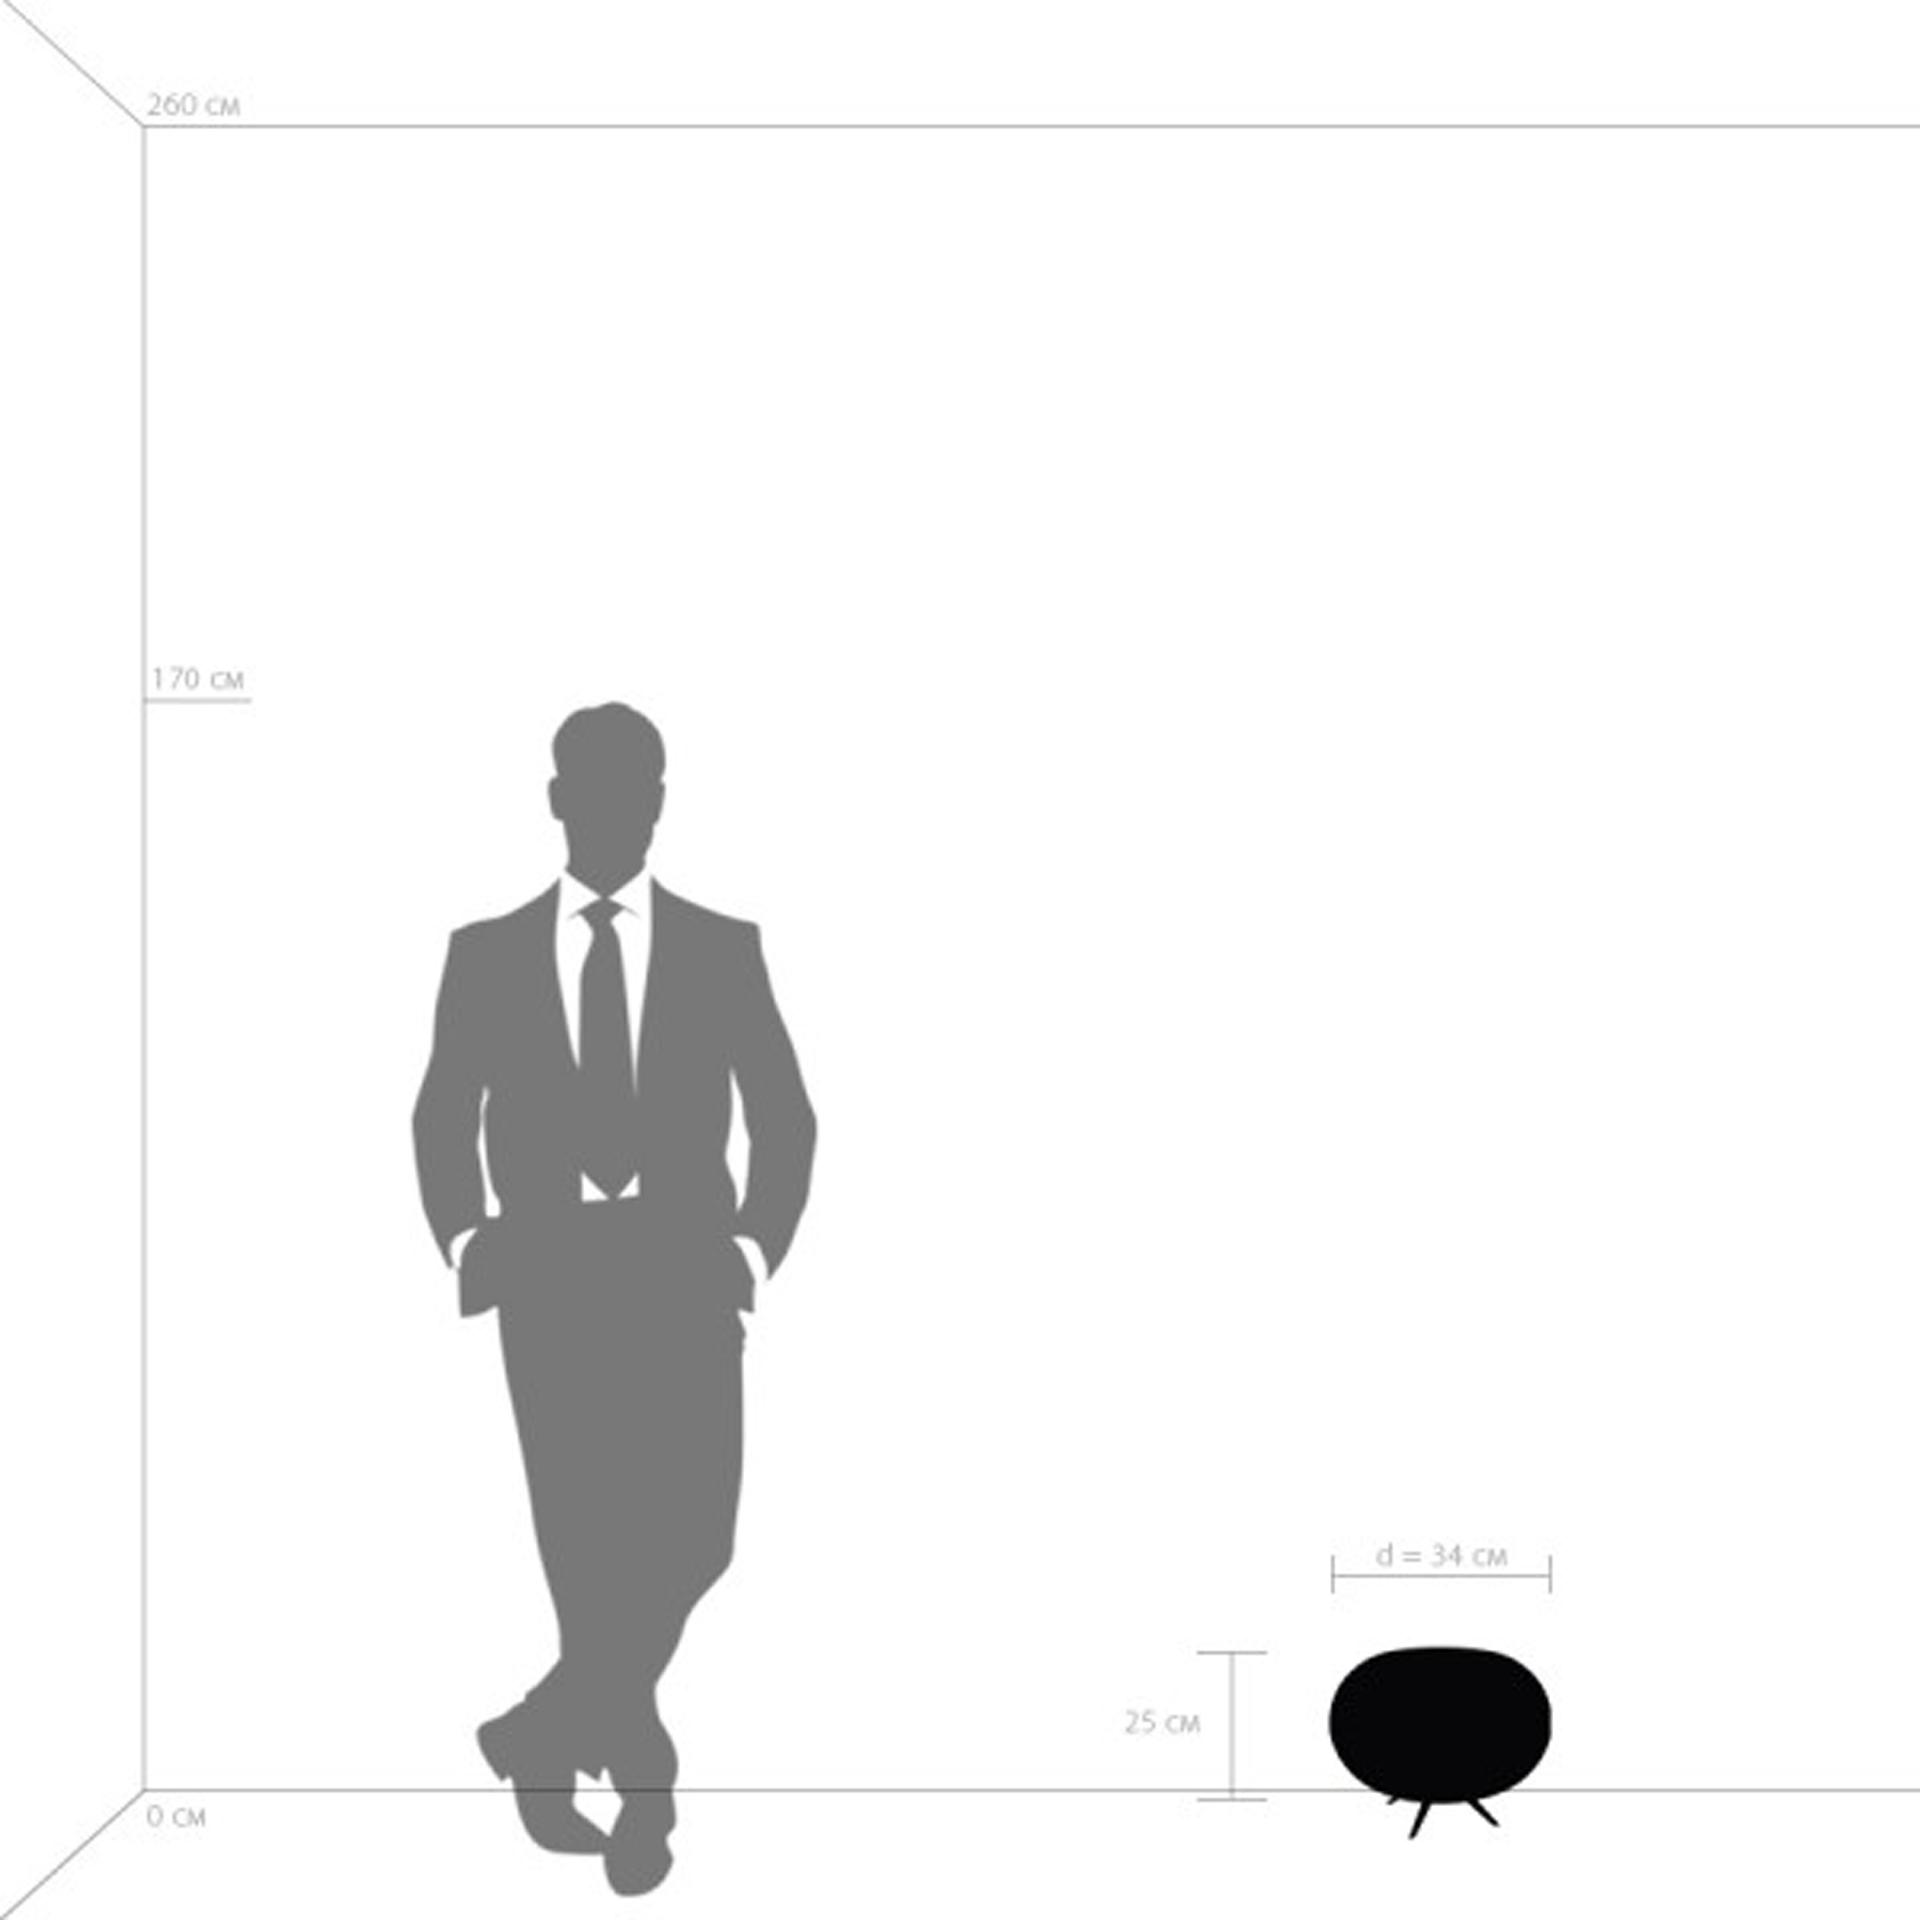 Настольная лампа Arnia 1Х40W E27 Коричневый / Белый Lightstar 805913, купить в СПб, Москве, с доставкой, Санкт-Петербург, интернет-магазин люстр и светильников Starlight, фото в жизни